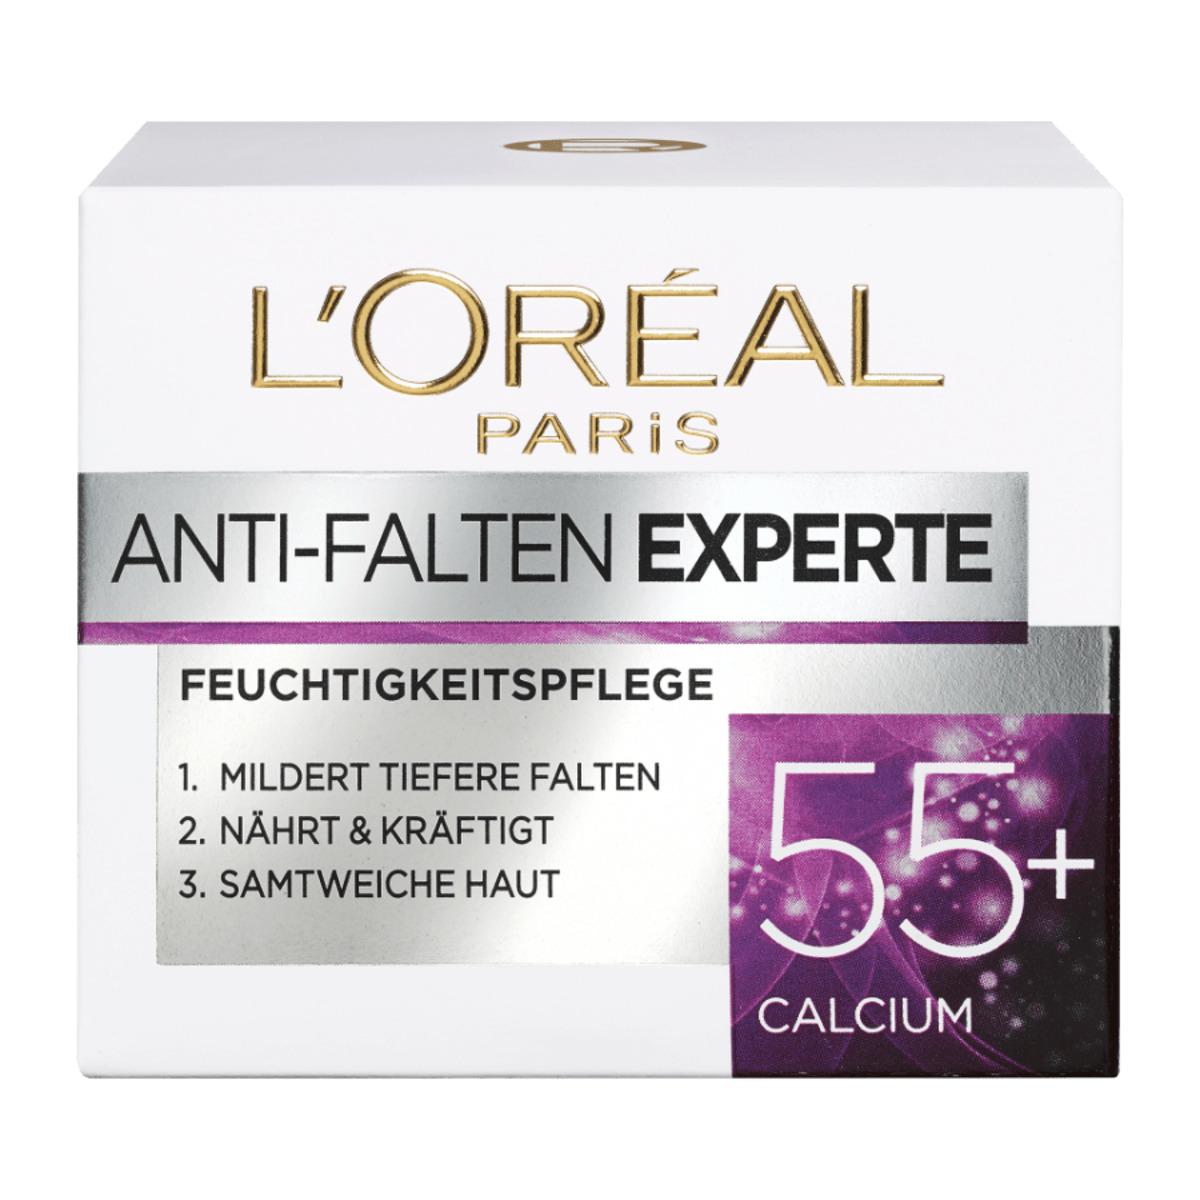 Bild 4 von L'Oréal Anti-Falten Experte Feuchtigkeitspflege